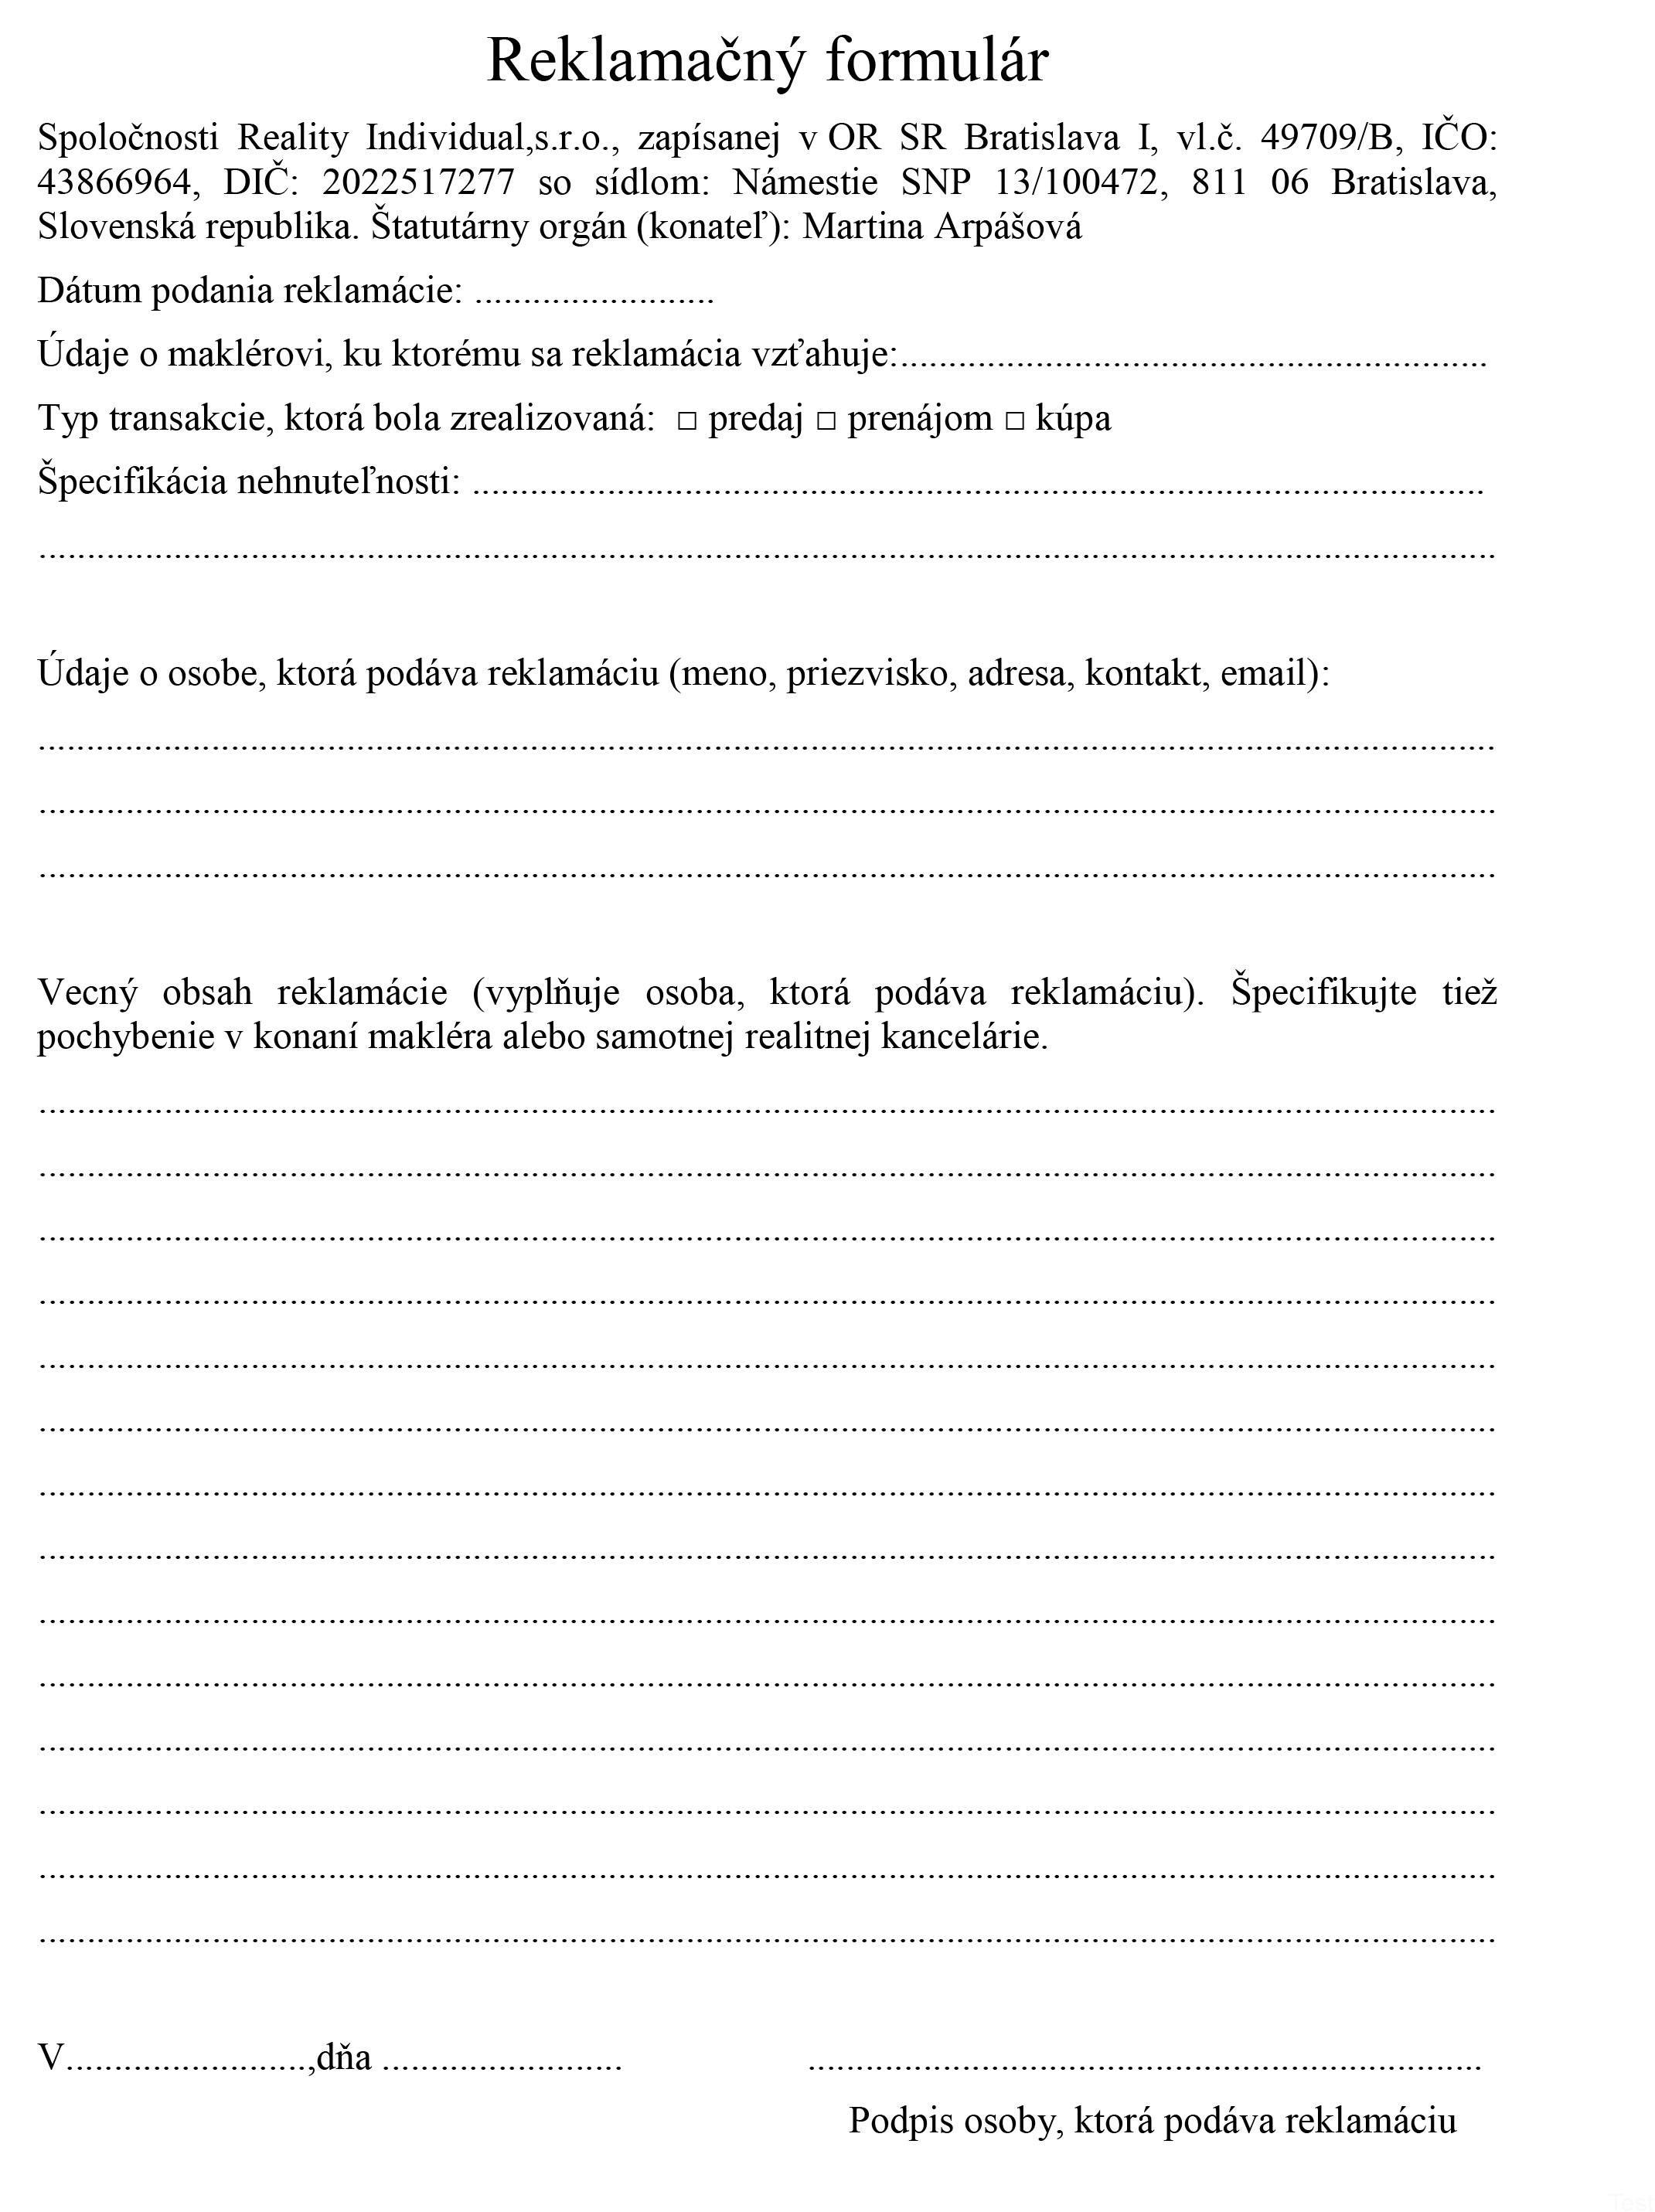 reklamacny formular